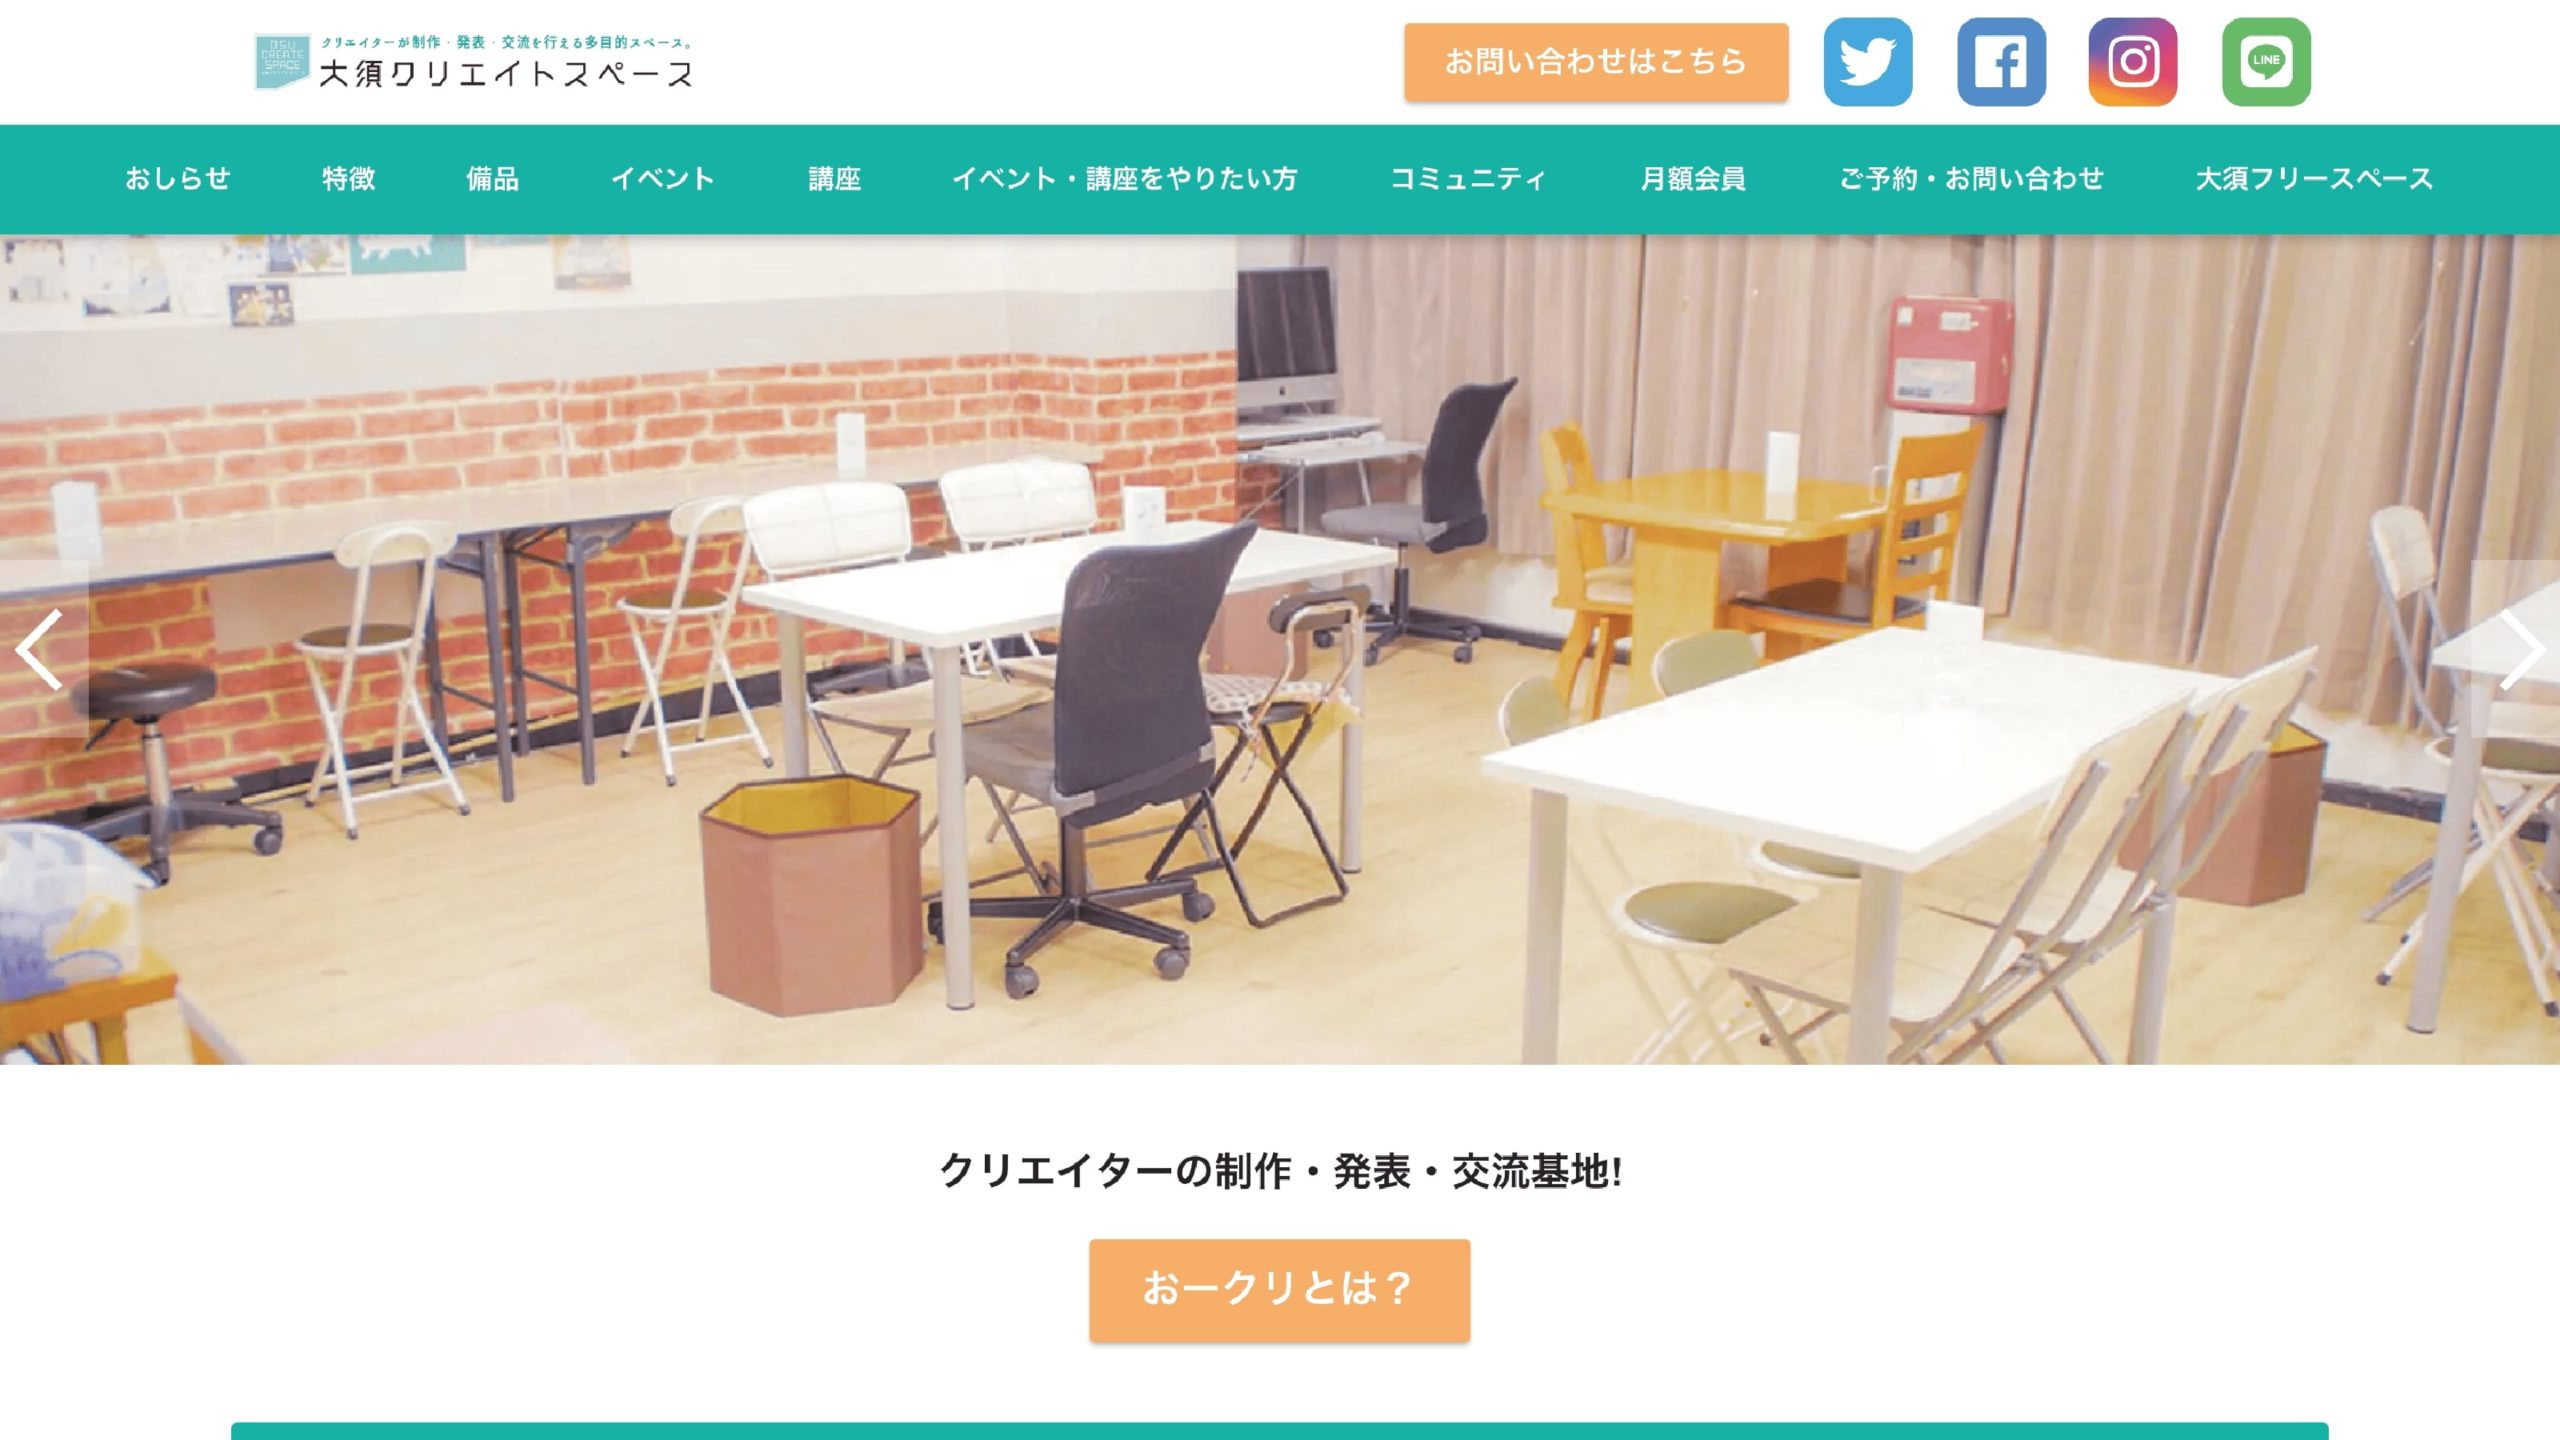 大須クリエイトスペース WEBサイト